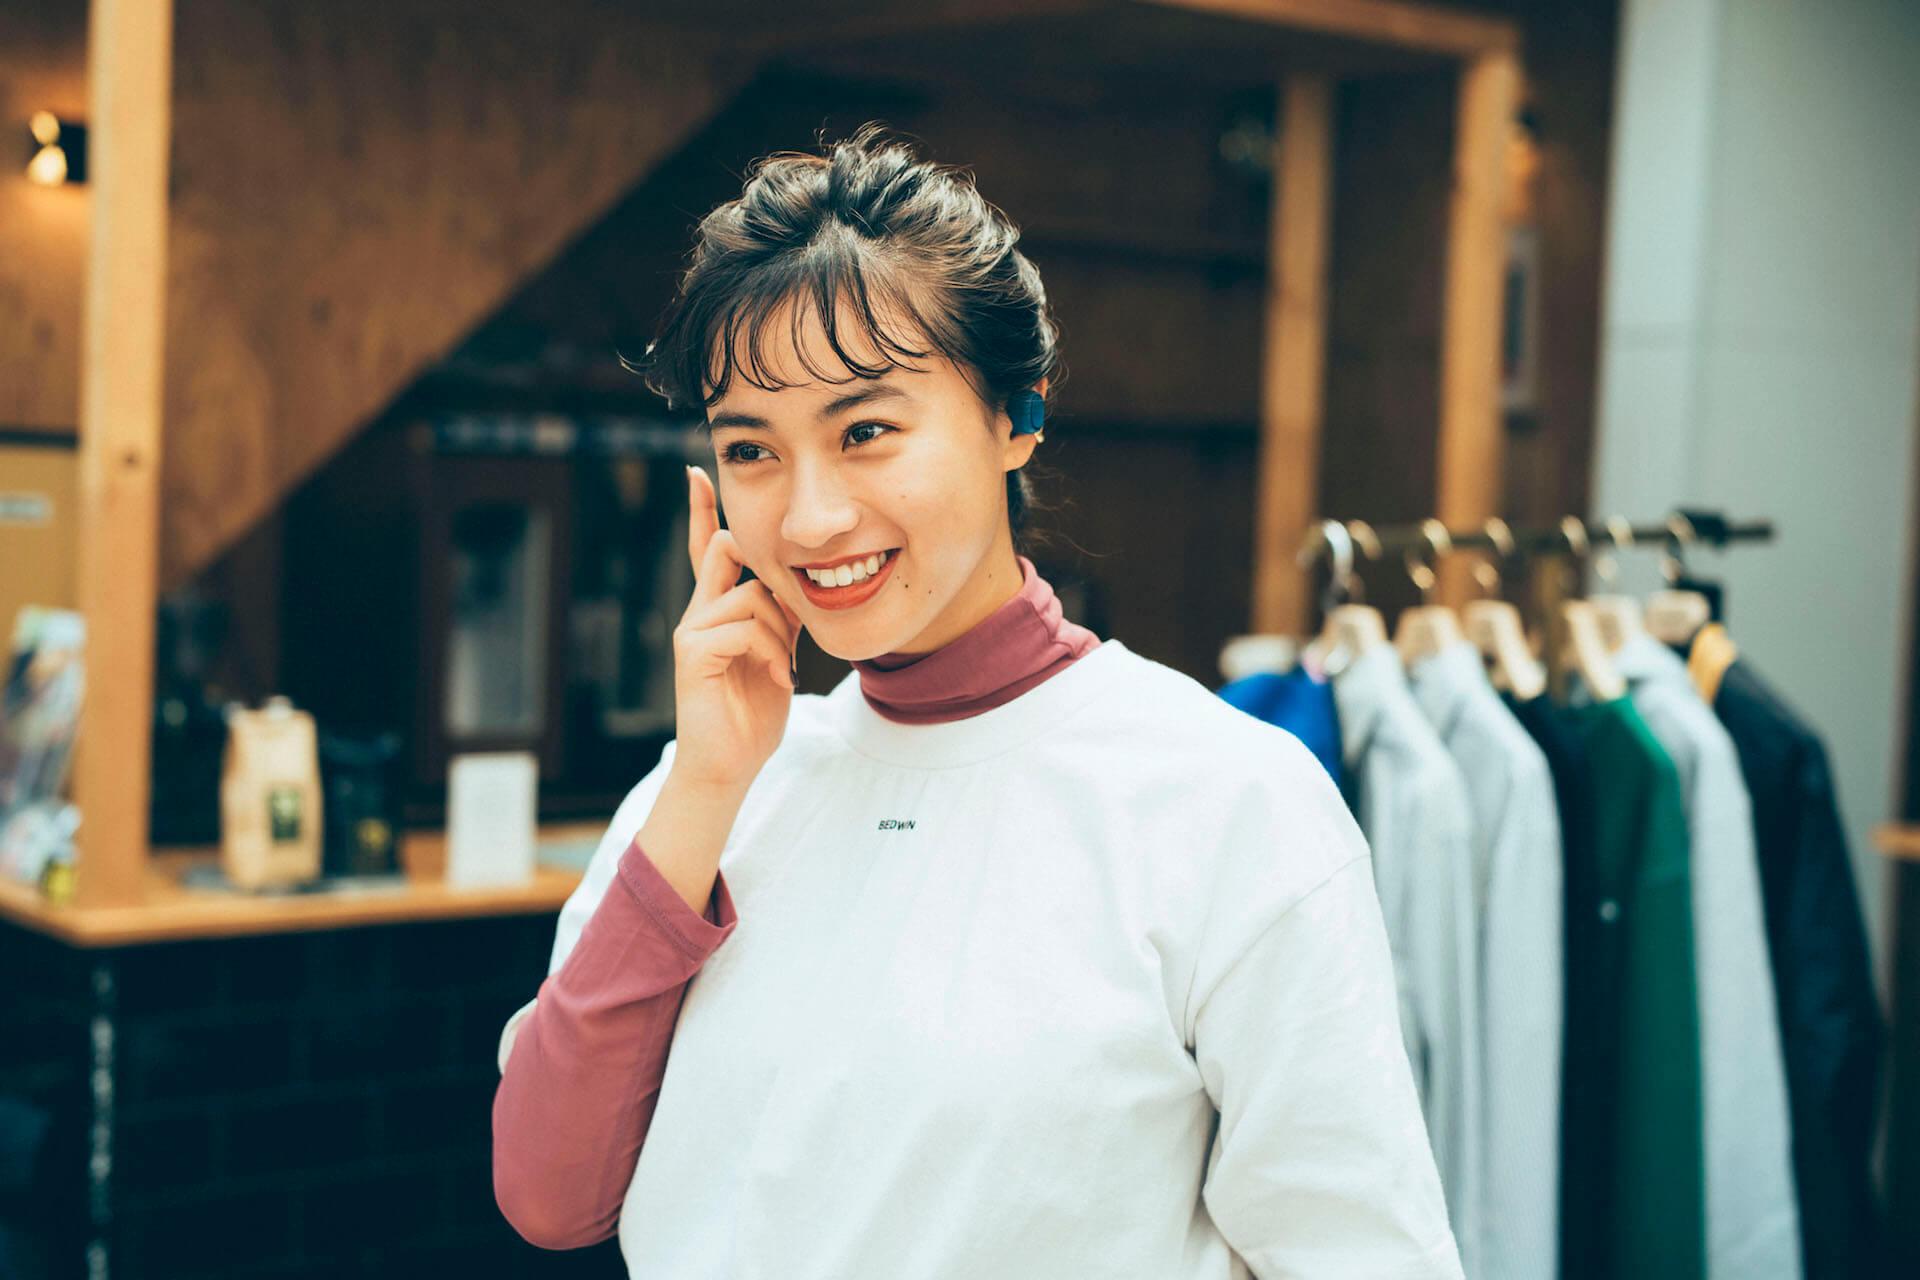 雑誌JELLY、TGCで活躍するモデル玖瑠実があいみょん、スダンナユズユリーら女性アーティストを中心にセレクトしたプレイリストを公開! tech200507_kurumi_at_3